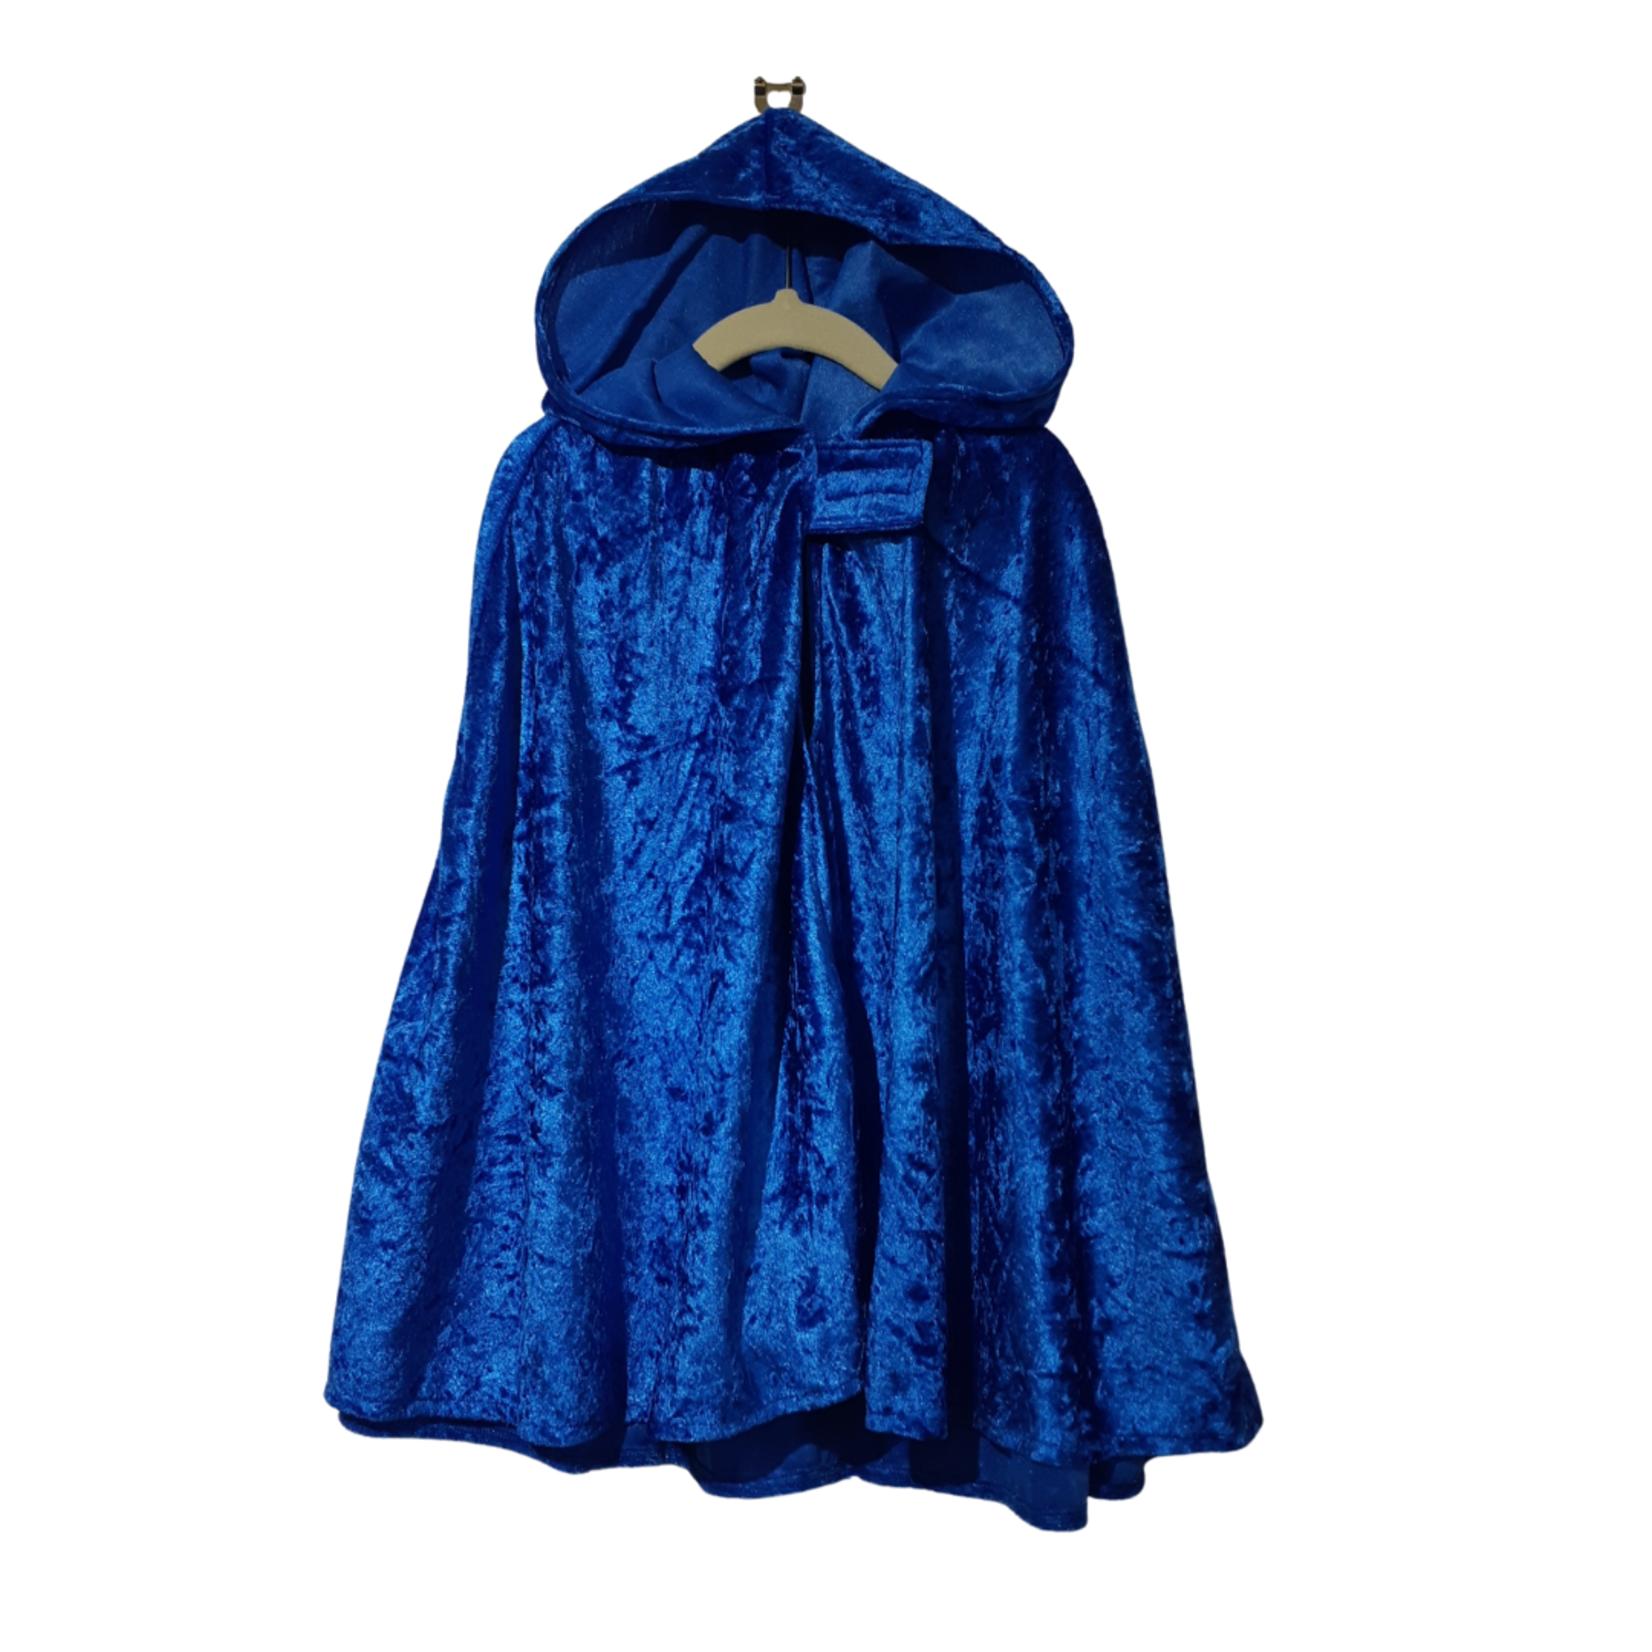 Wacky Wardrobe Wacky Wardrobe Cape Royal Blue - Medium